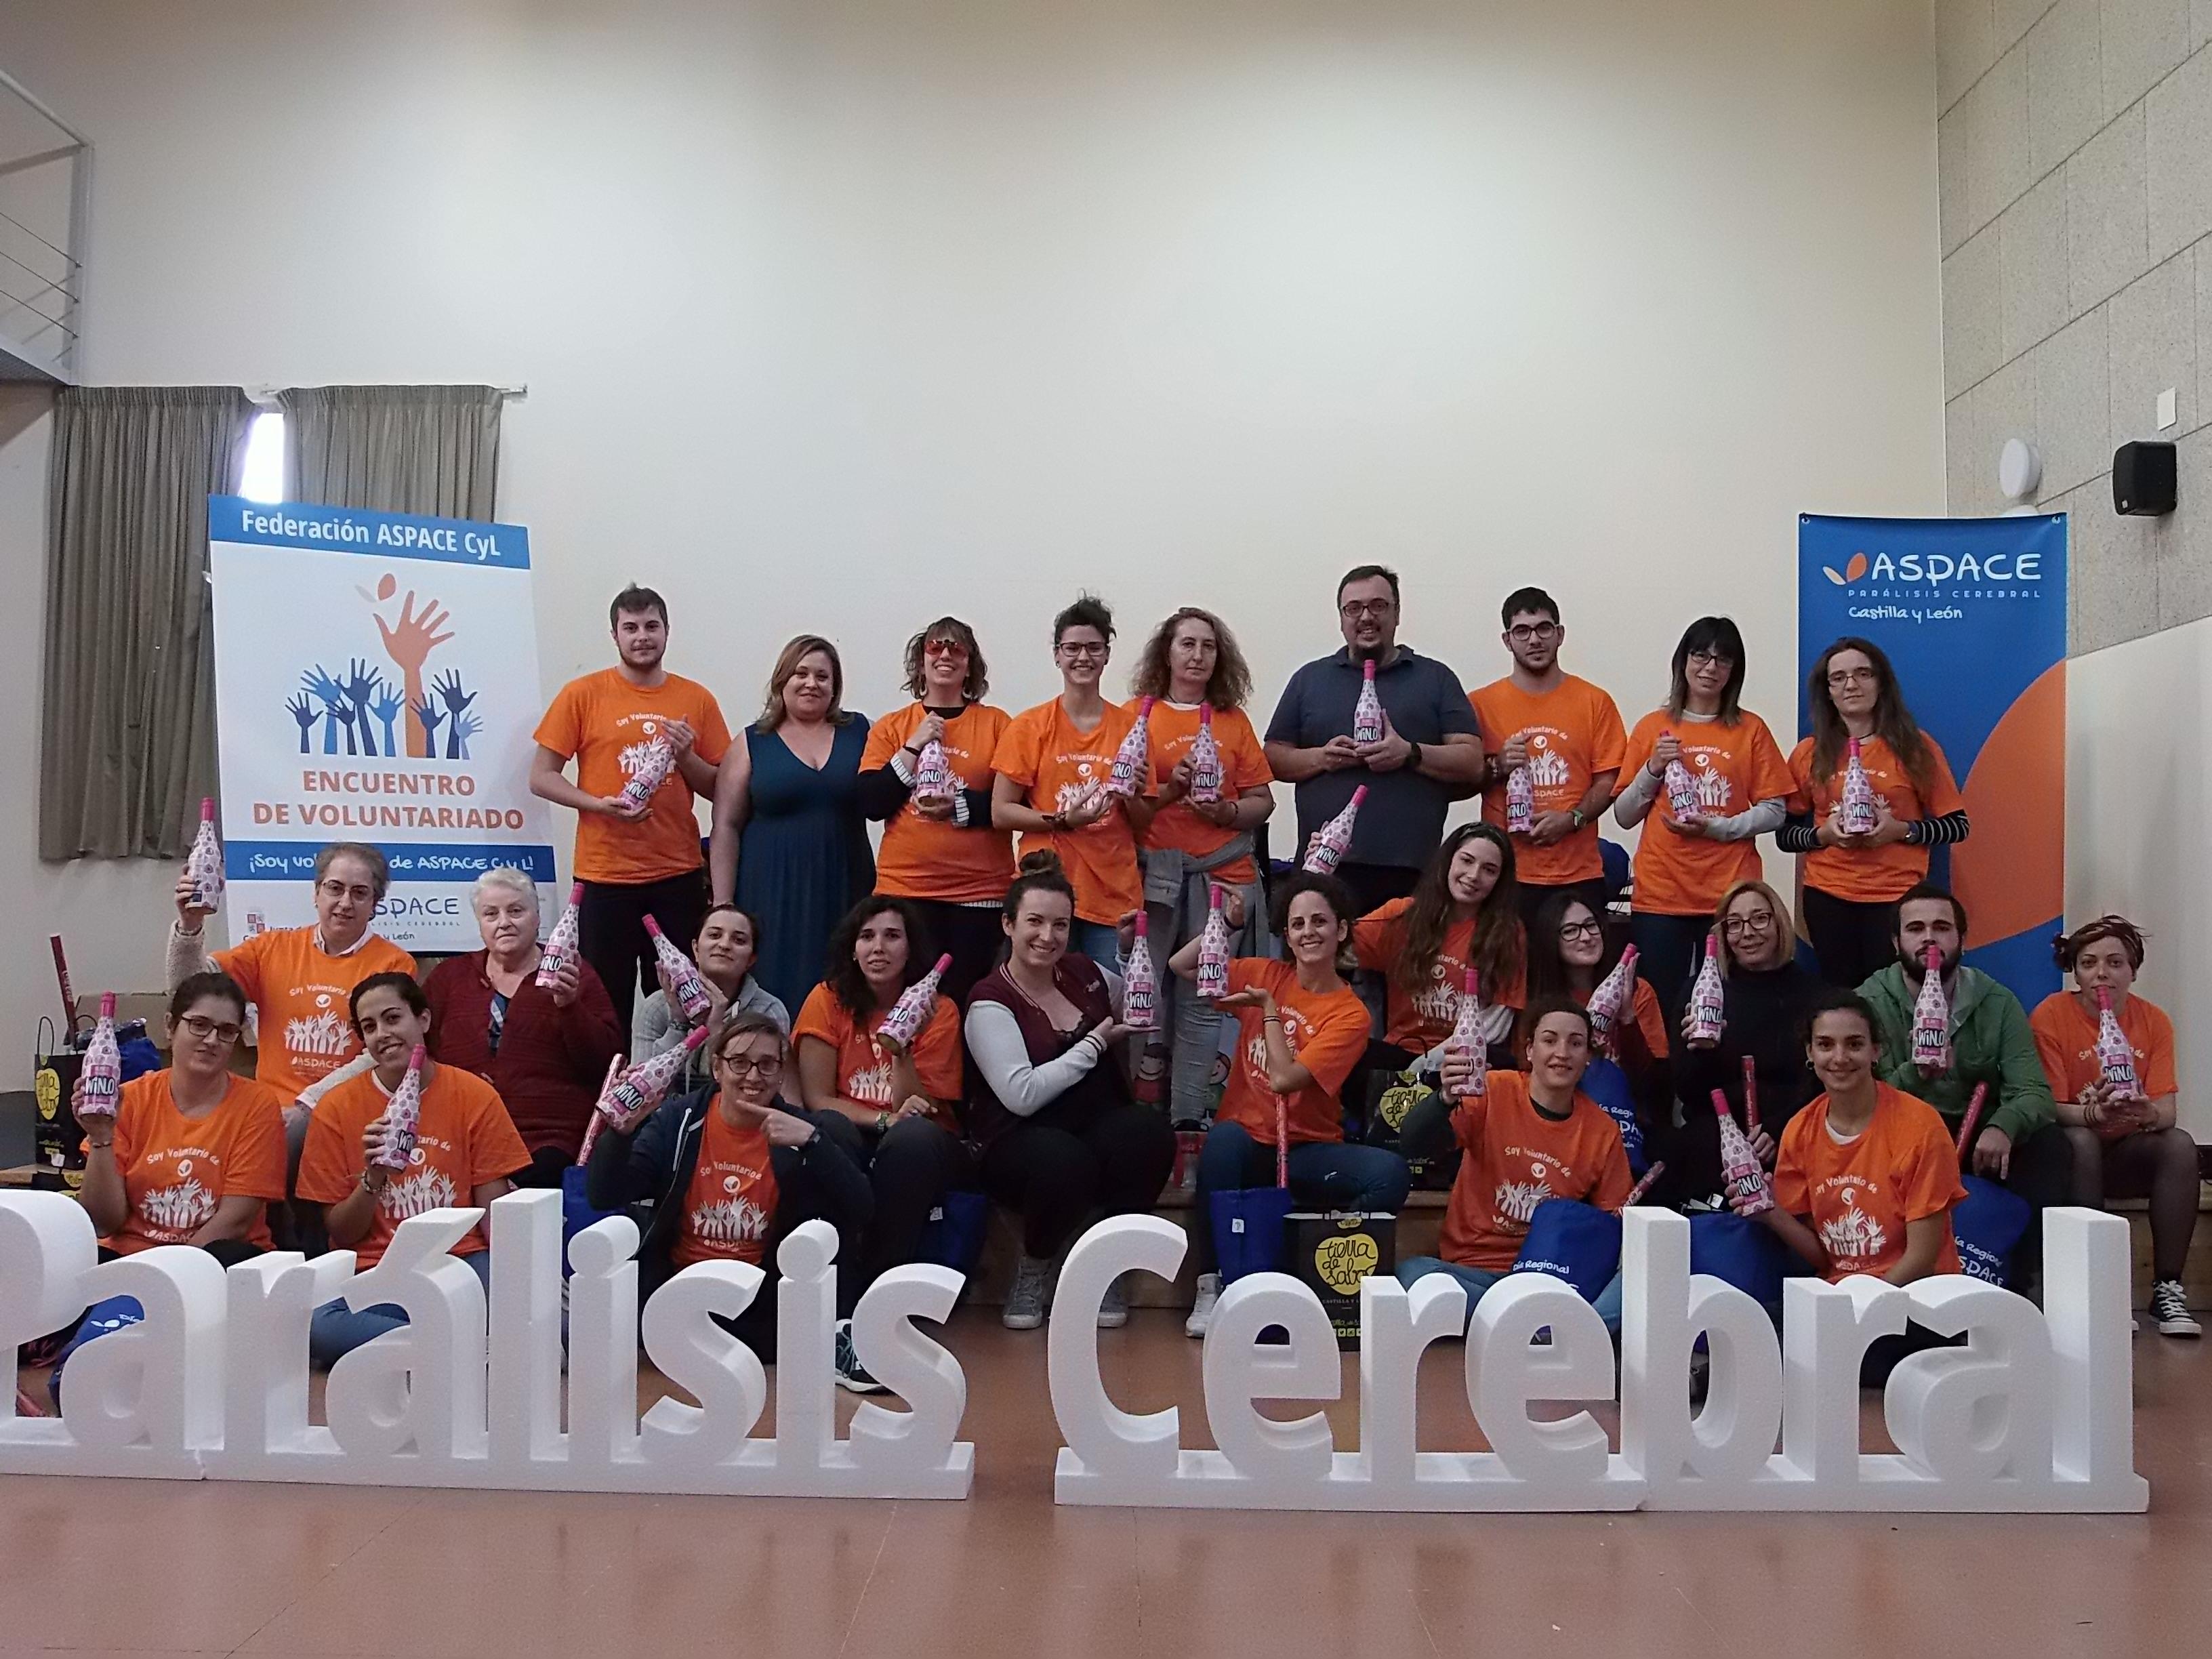 Encuentro de Voluntariado 2017 (Valladolid)